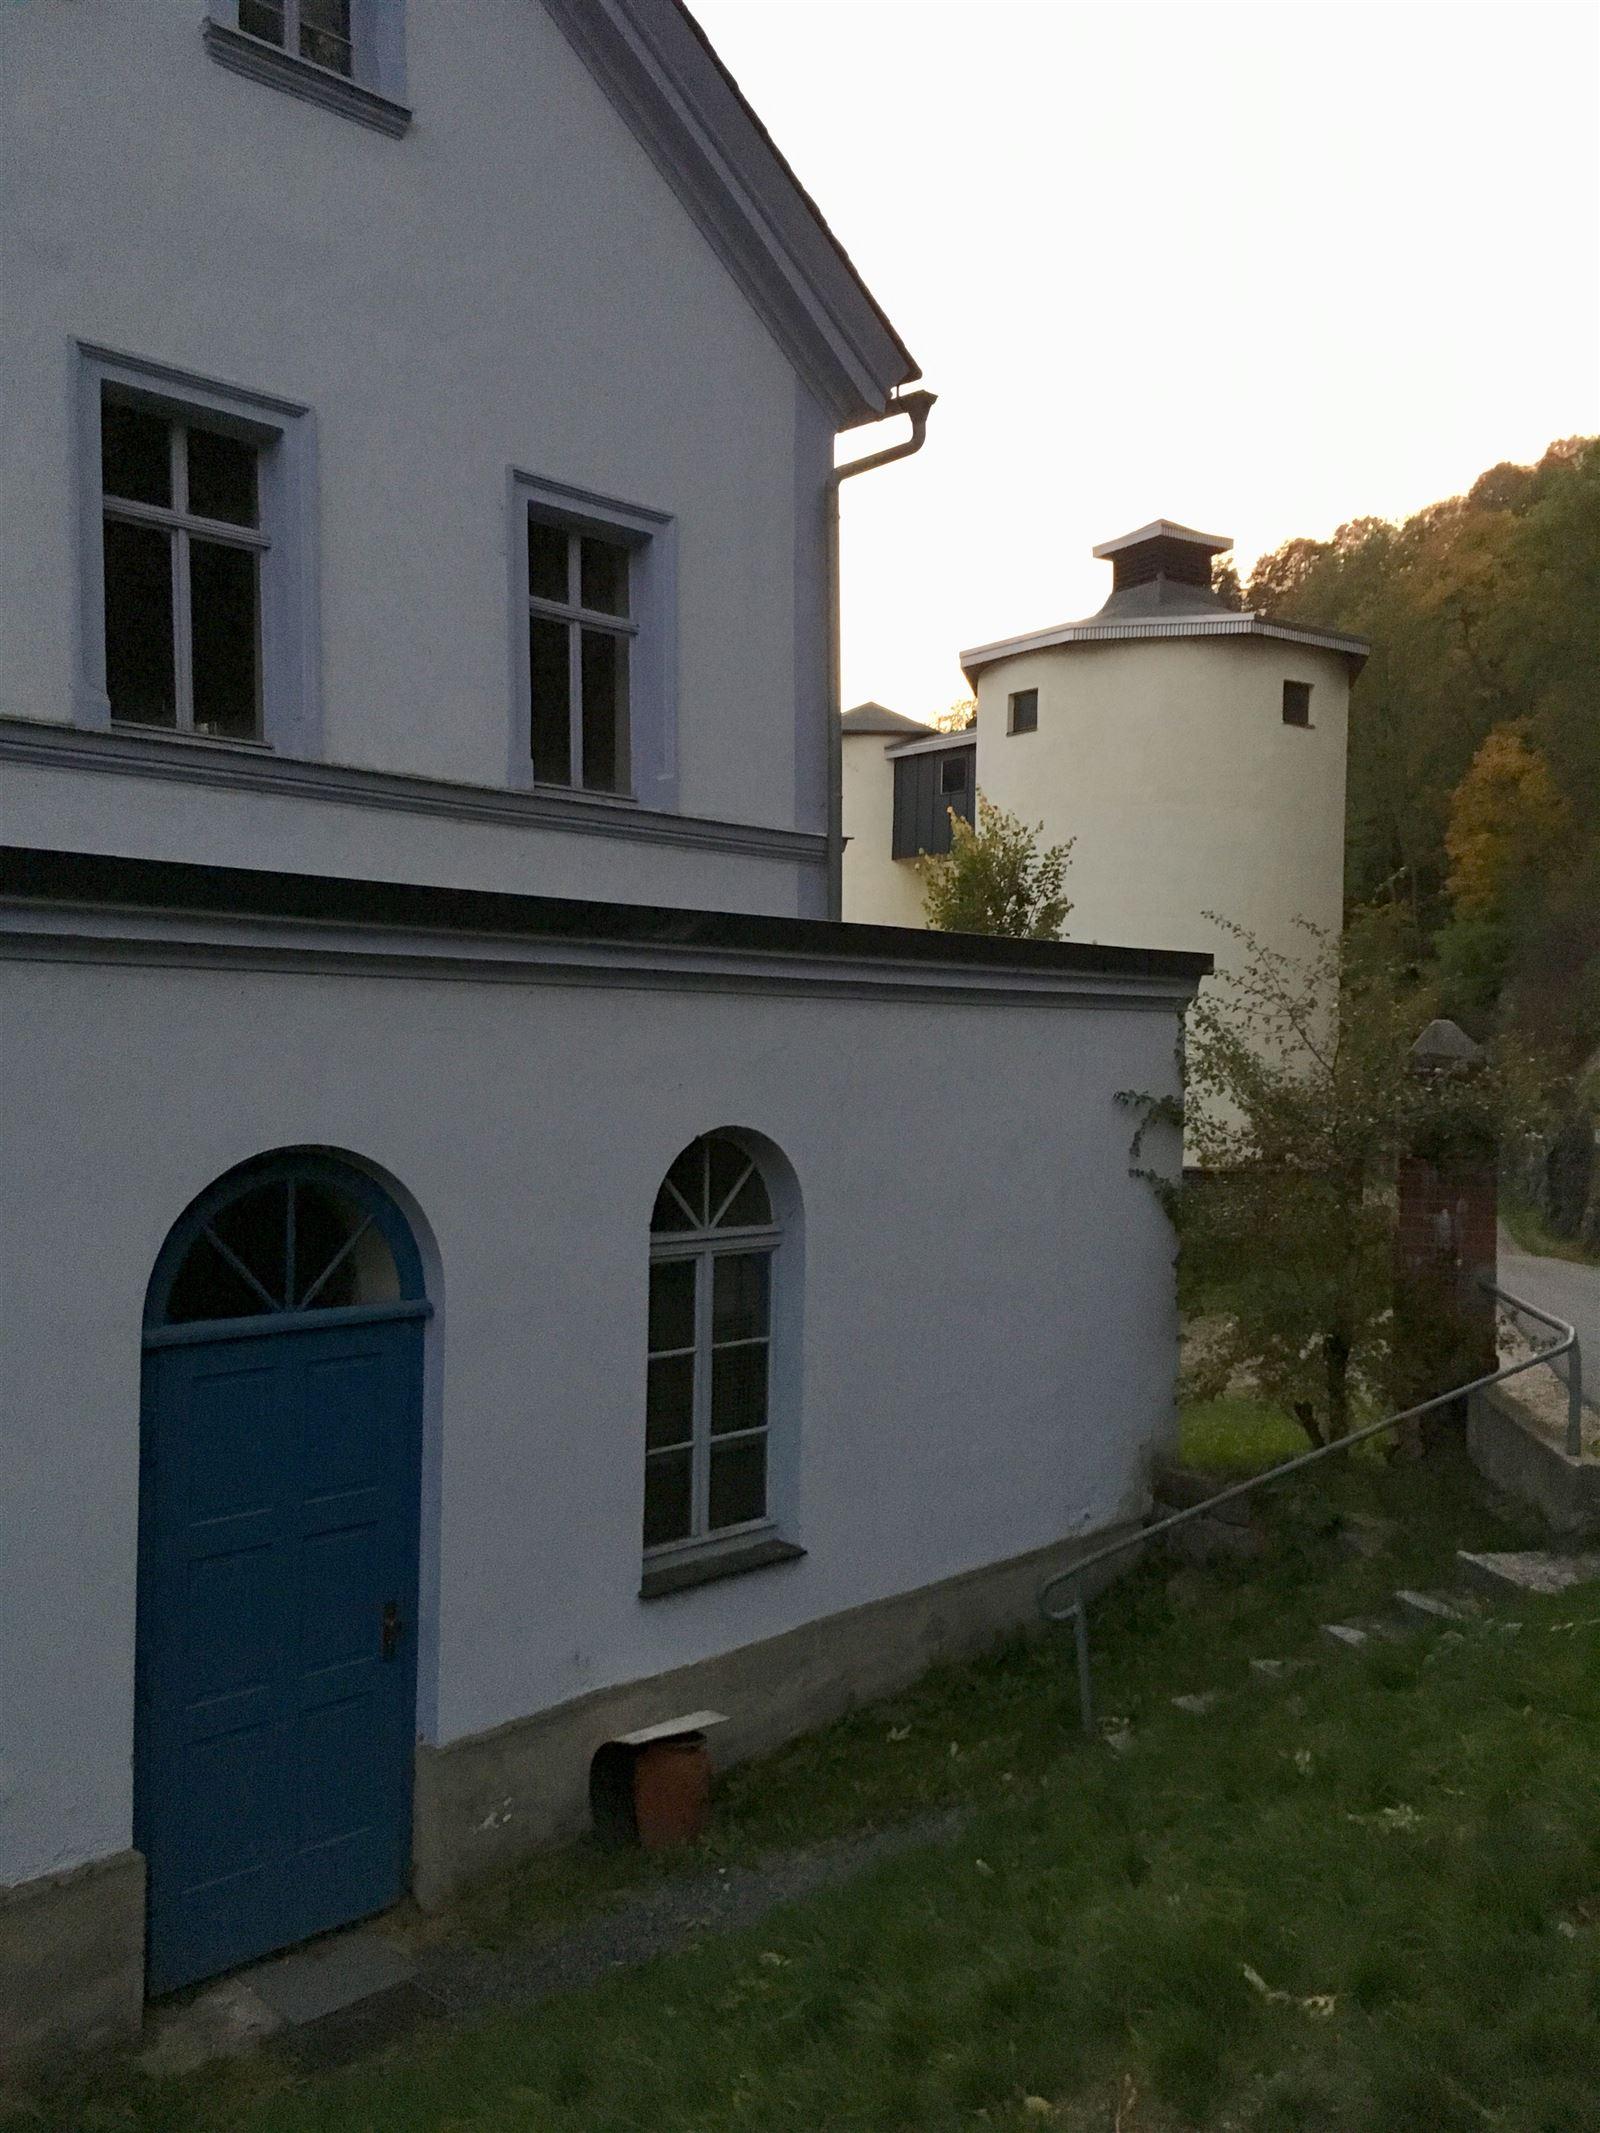 Papierfabrik Blankenberg